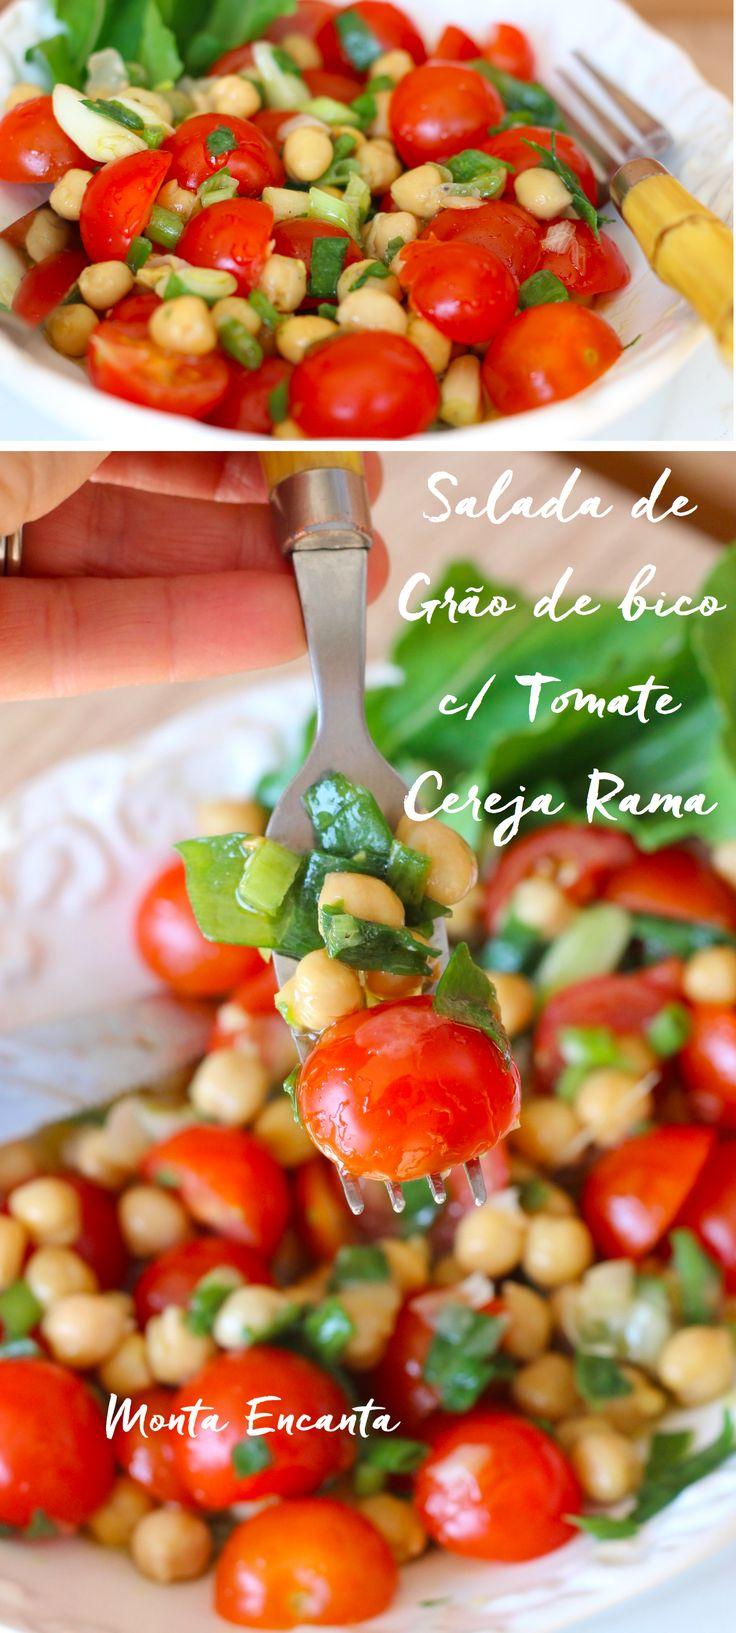 Salada de grão de bico, com tomate cereja rama, pronta num piscar de olhos, basta misturar os ingredientes, levar para gelar e servir com folhas frescas de rúcula baby.